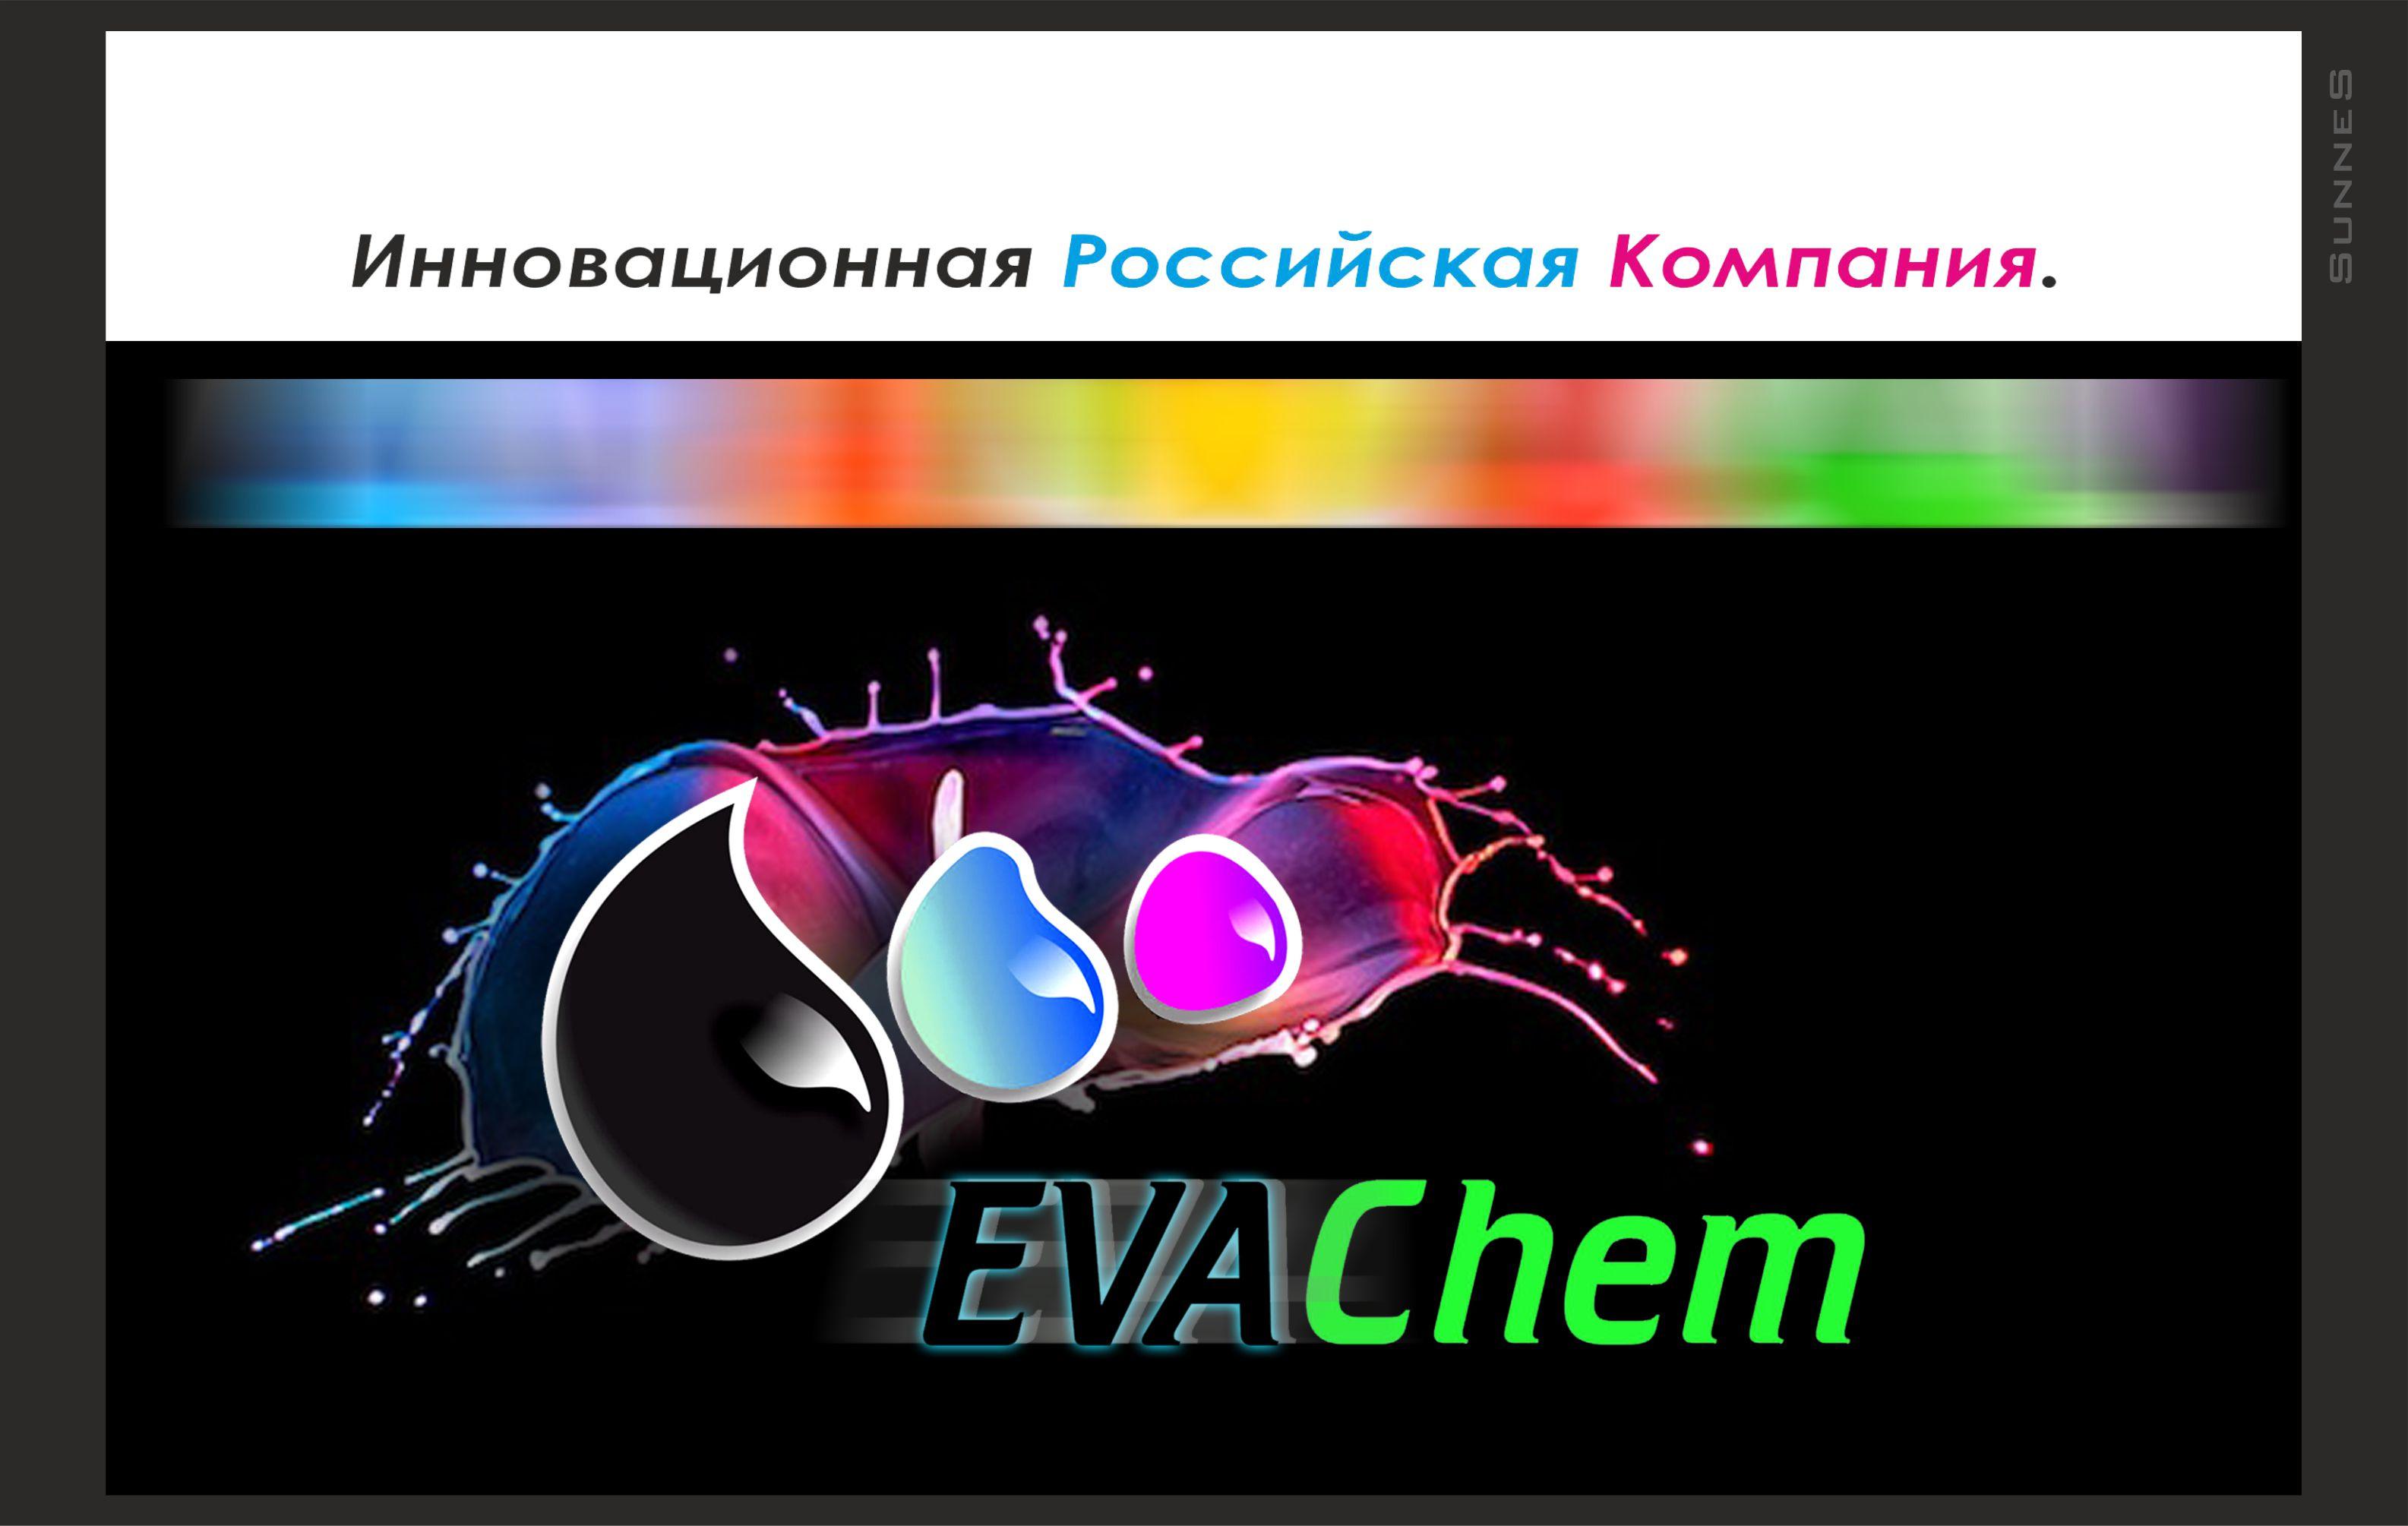 Разработка логотипа и фирменного стиля компании фото f_874572a26a72bd0f.jpg